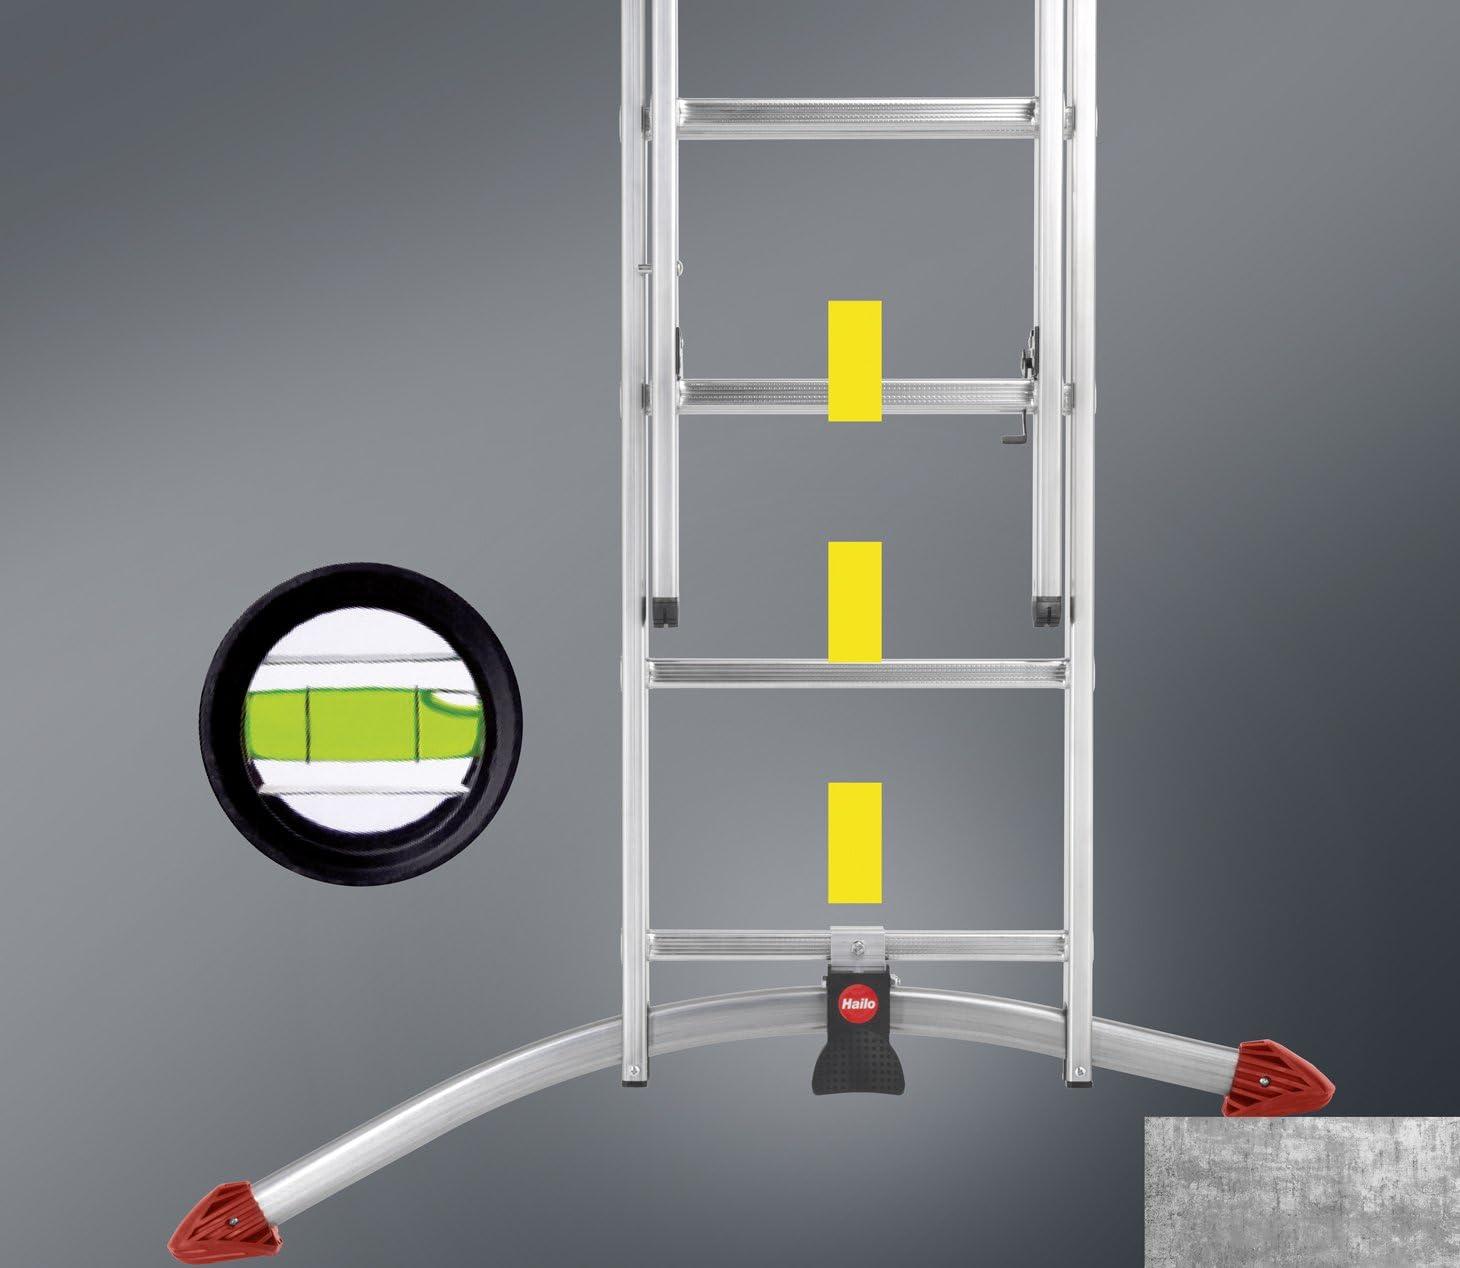 Hailo 9312-101 - Escalera multifunción (aluminio), color: plateado: Amazon.es: Bricolaje y herramientas